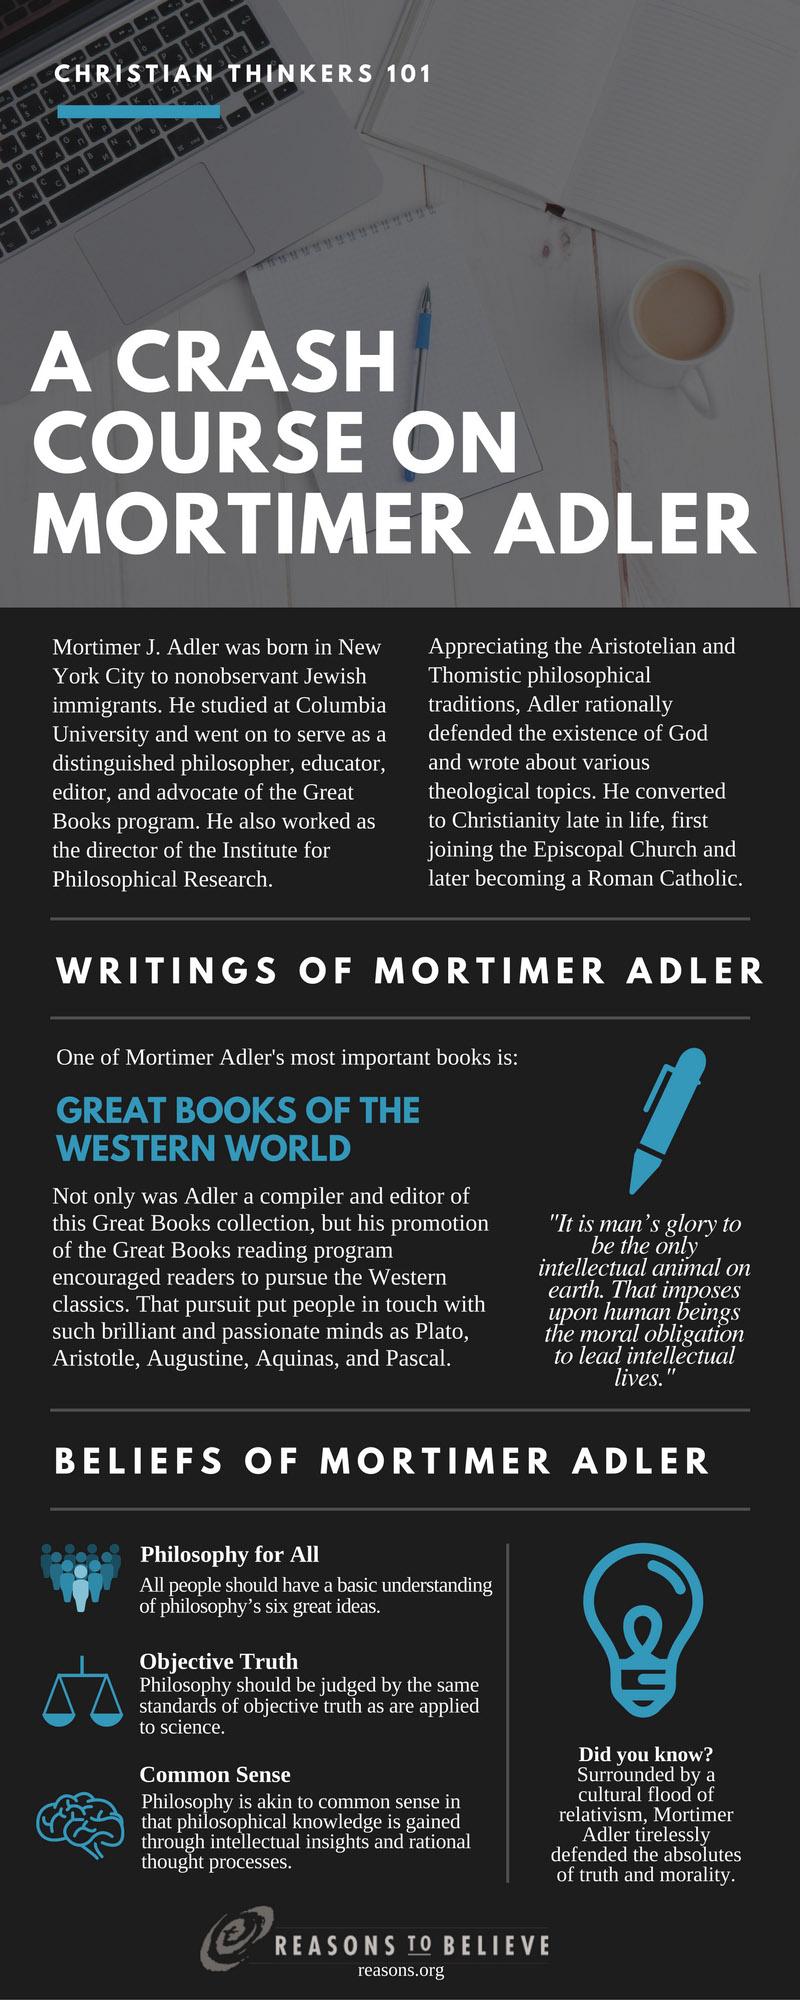 blog__inline--christian-thinkers-101-a -crash-course-on-mortimer-adler